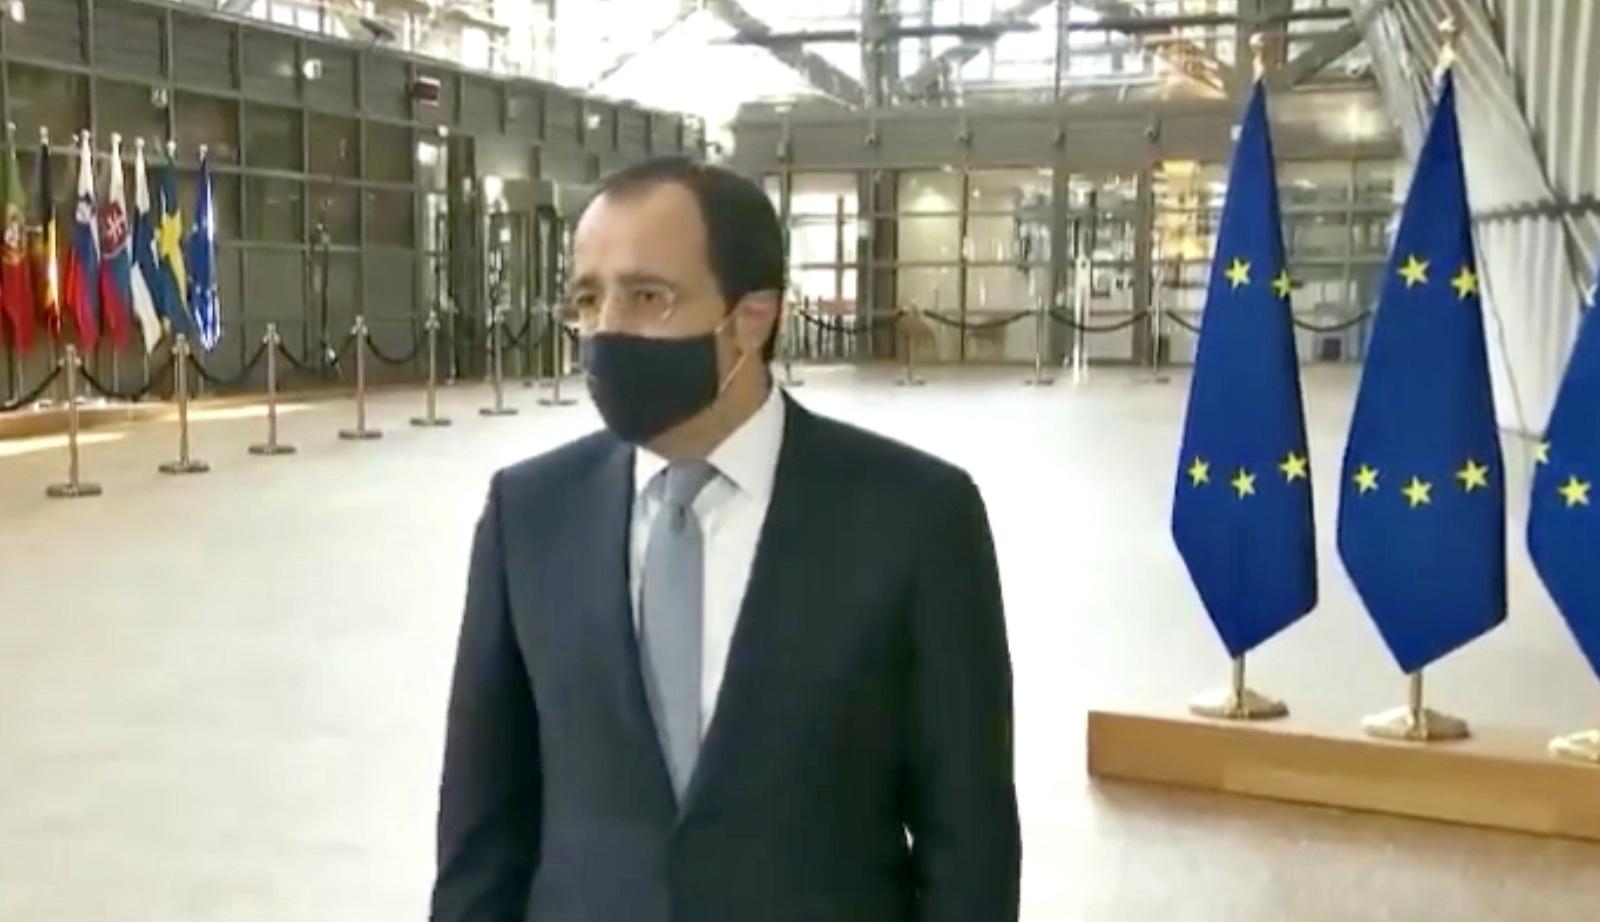 Χριστοδουλίδης: «Είμαι εδώ, έτοιμος, να εφαρμόσω την πολιτική απόφαση του Gymnich»